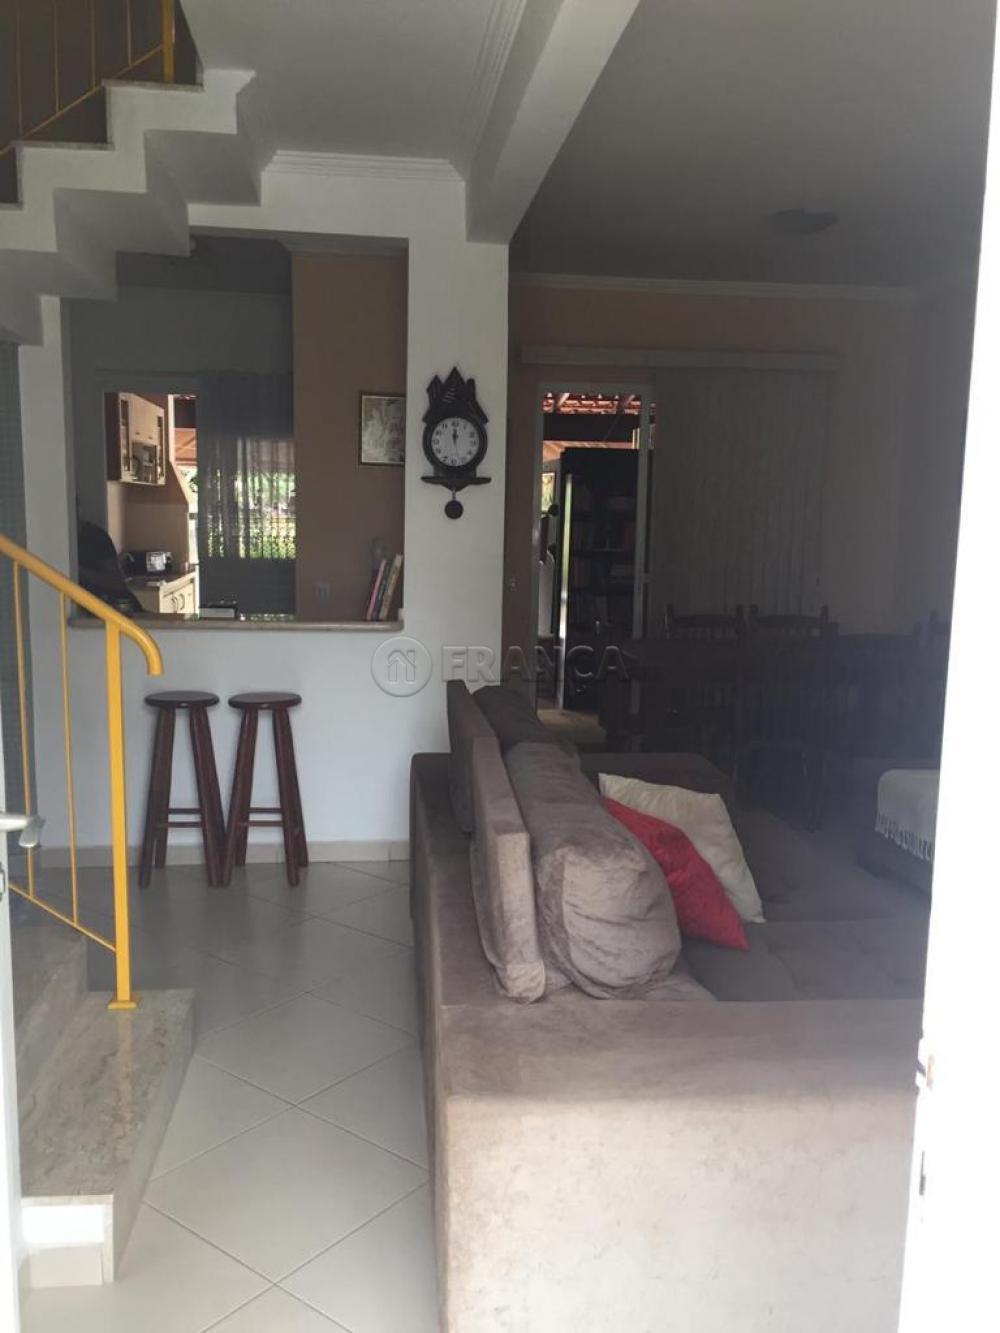 Comprar Casa / Condomínio em Jacareí R$ 540.600,00 - Foto 3